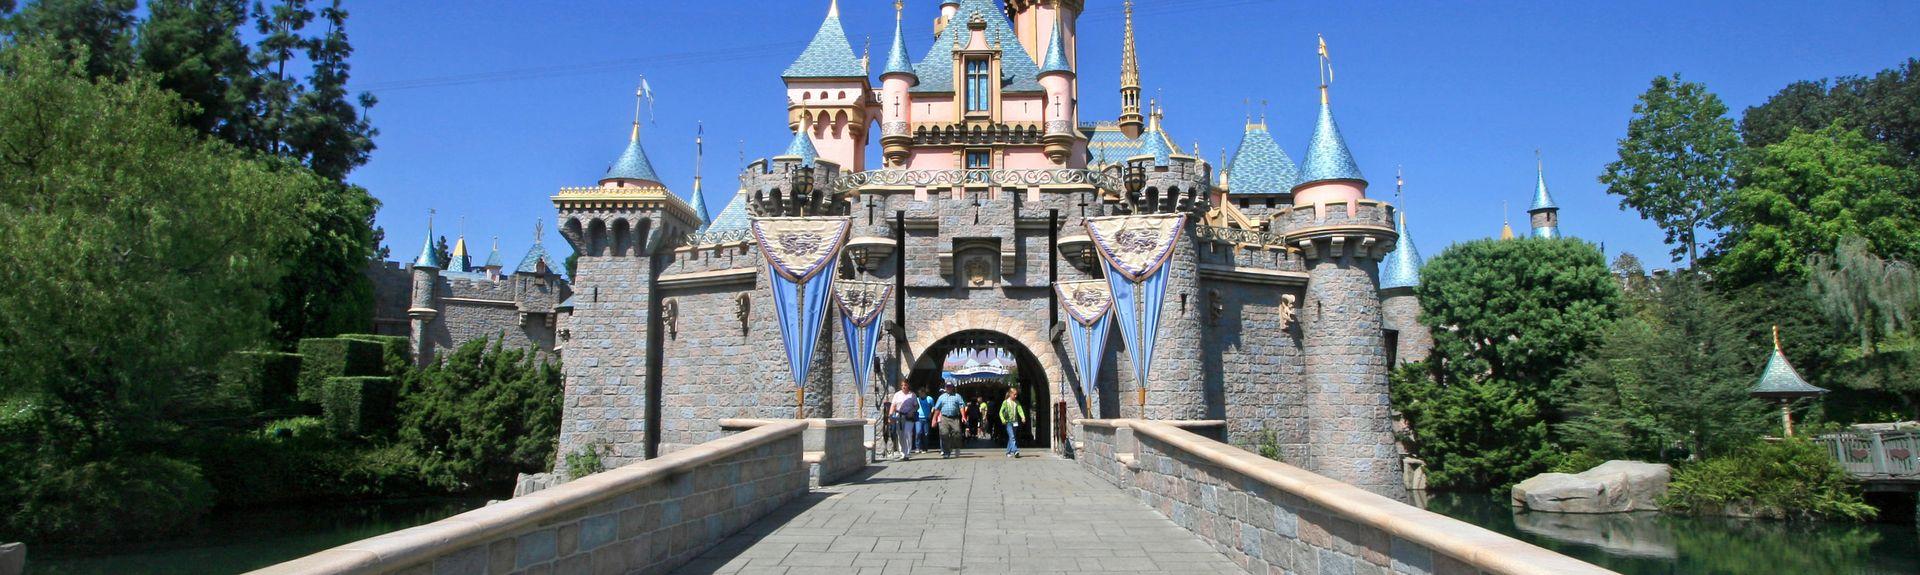 Disneyland®, Anaheim, California, Estados Unidos